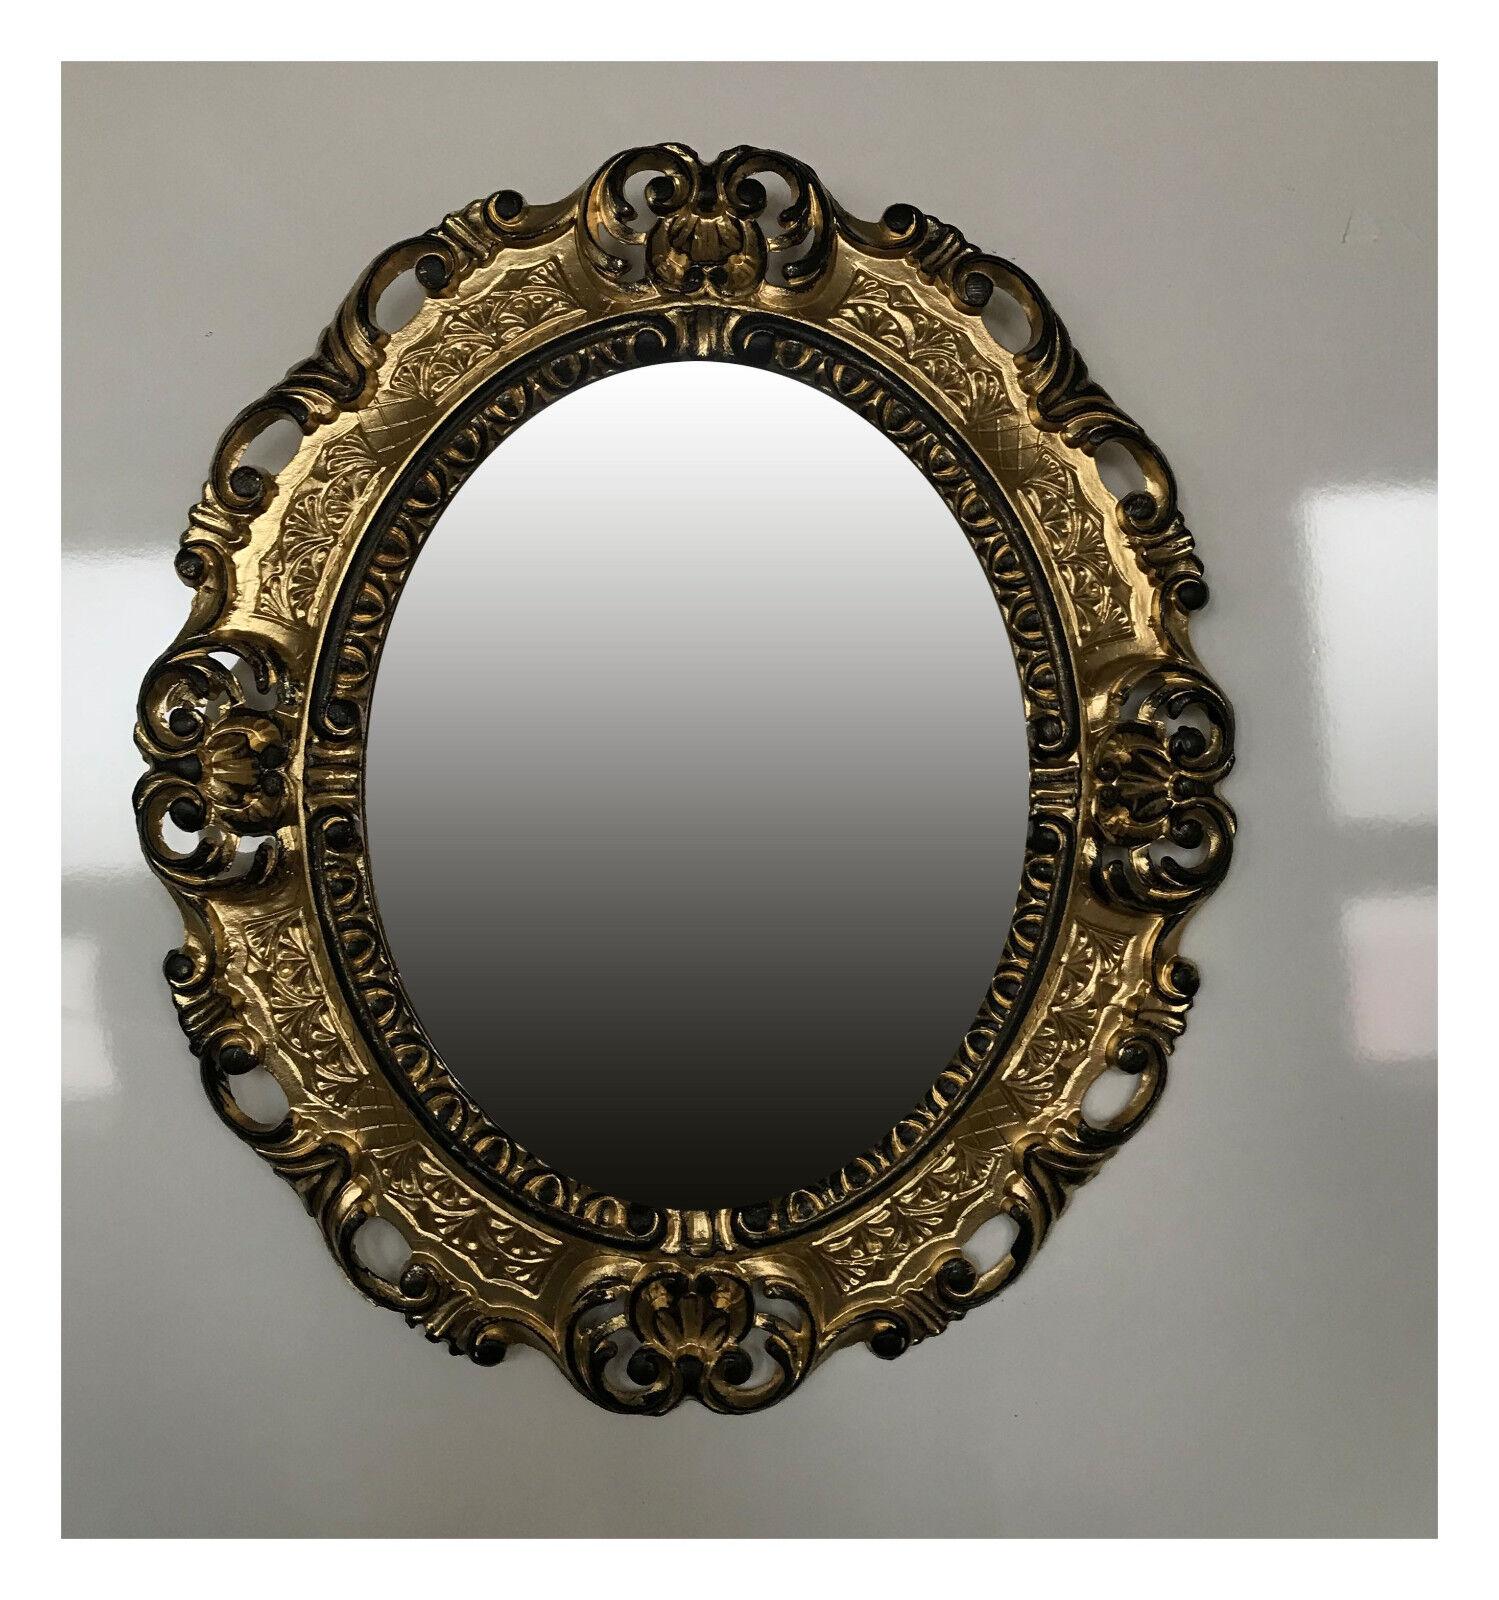 details sur baroque antique cadre d image en or noir image photo cadre photo ovale 45x38 cm